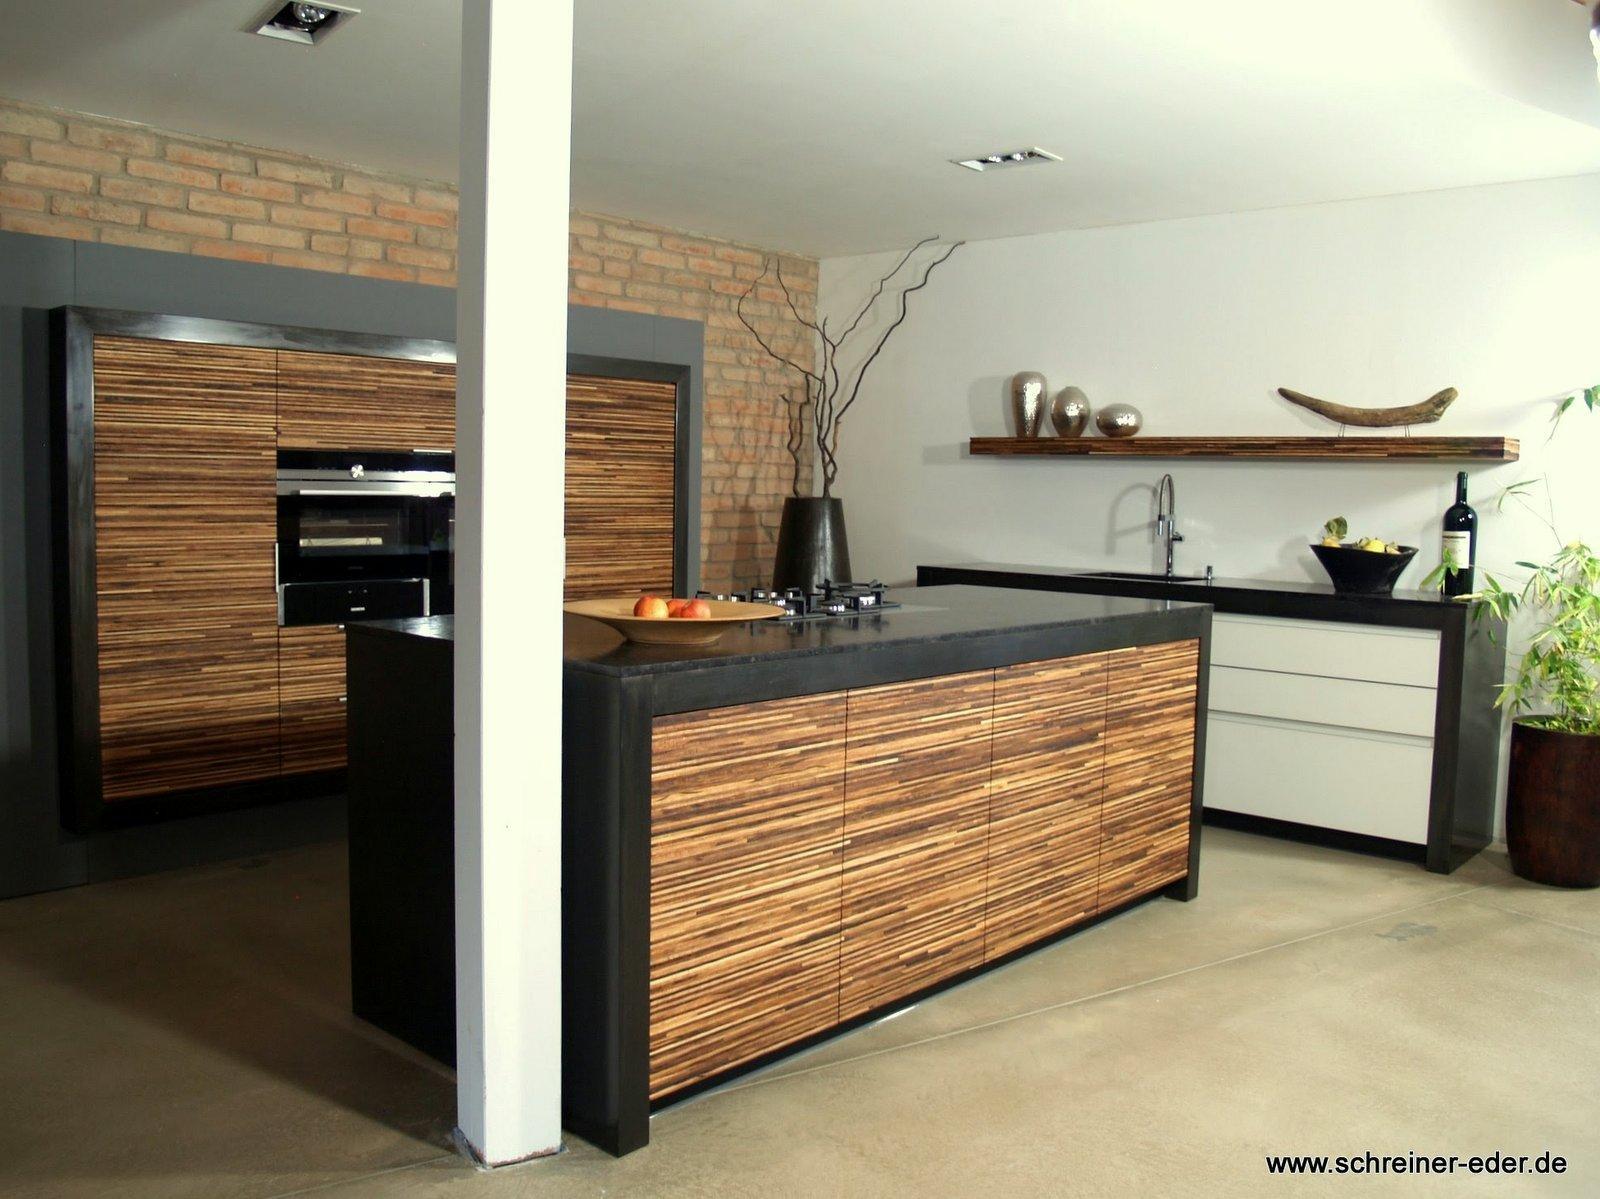 Küchenarbeitsplatte • Bilder & Ideen • COUCH